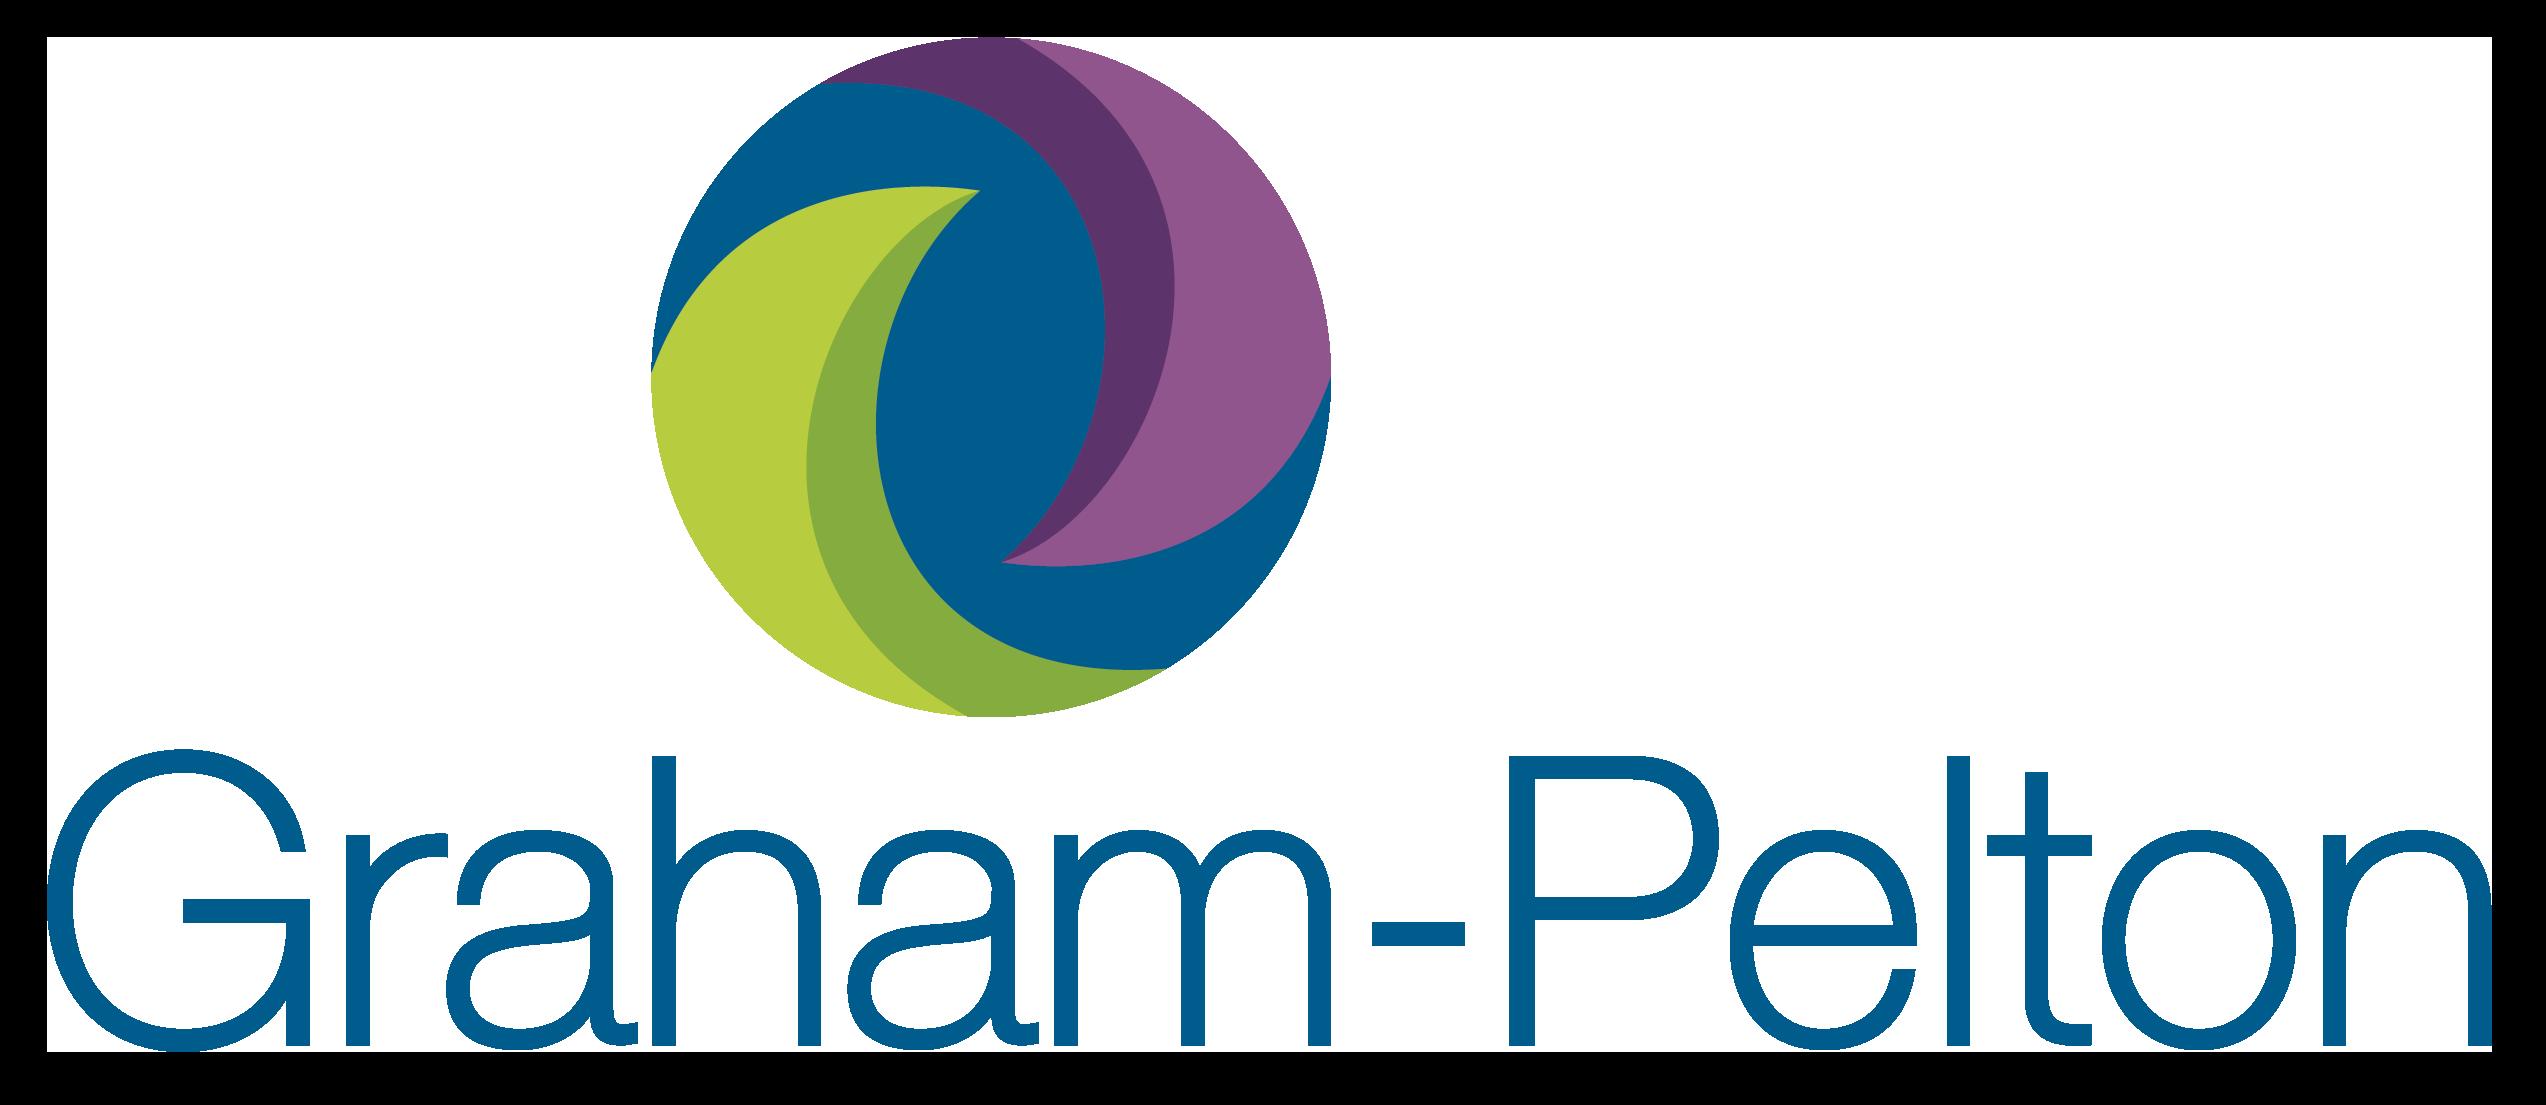 Graham-Pelton Consulting, Inc.